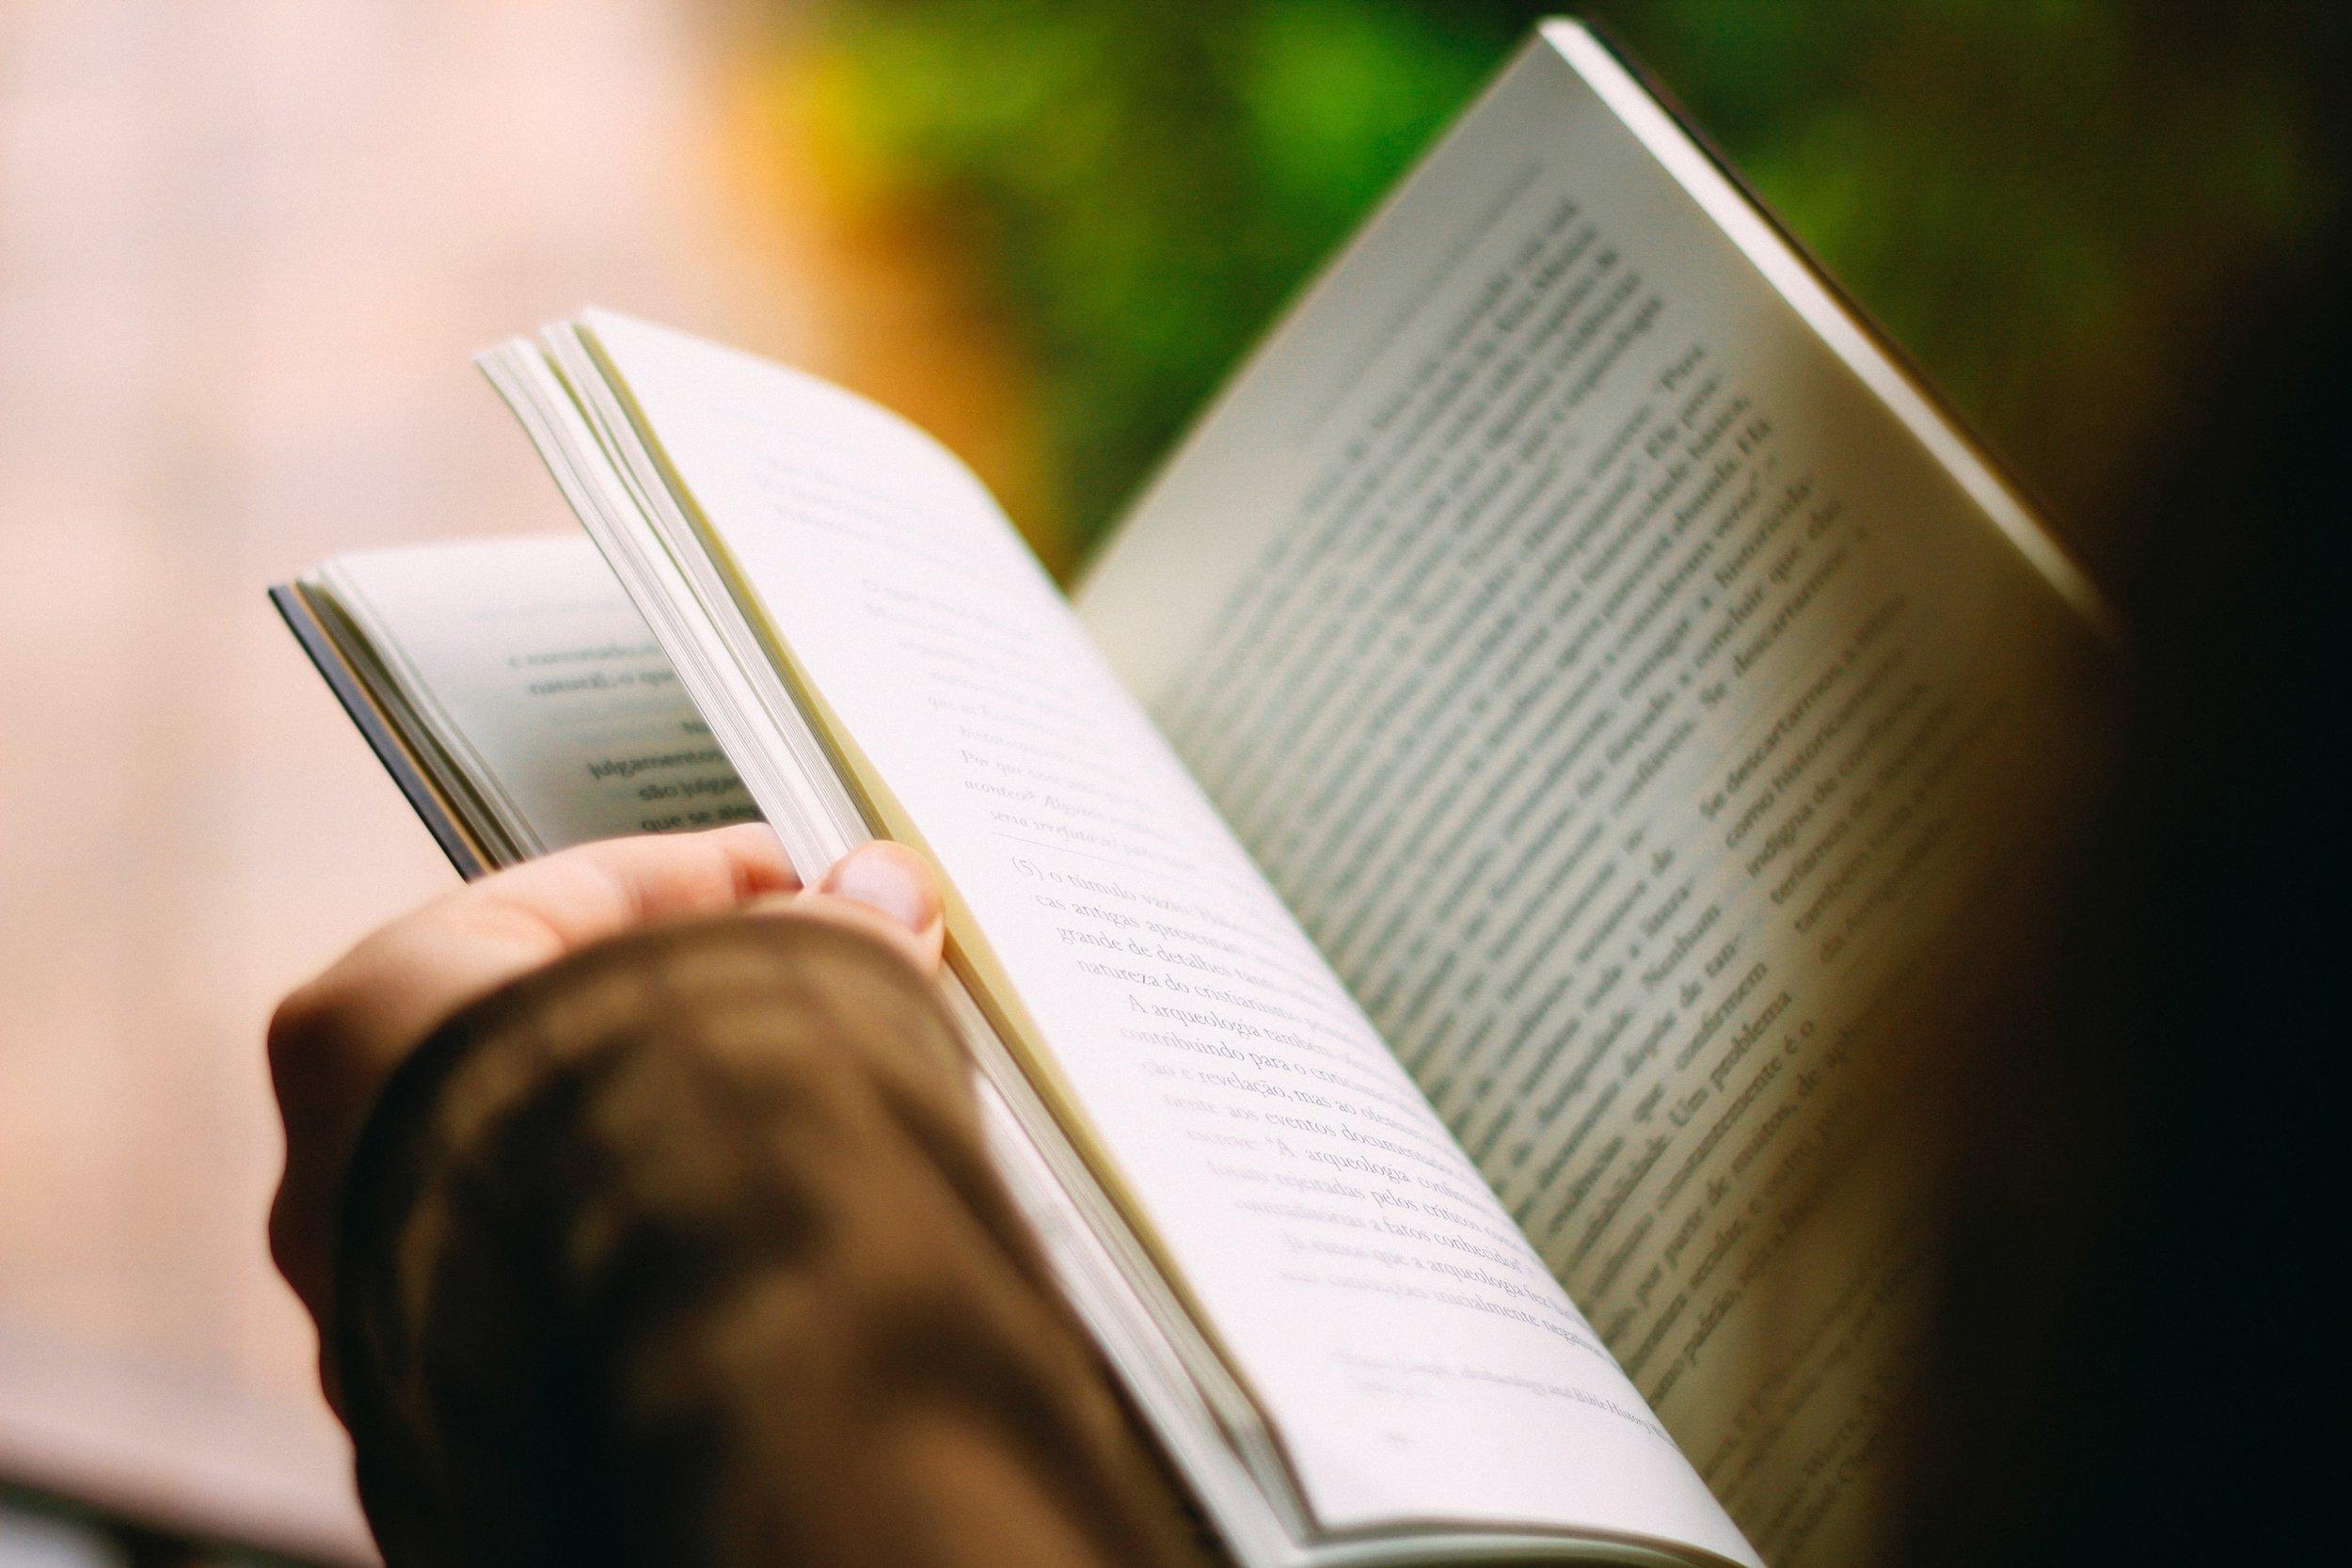 Anlayarak hızlı okuma kursları olduğu bilinmektedir.